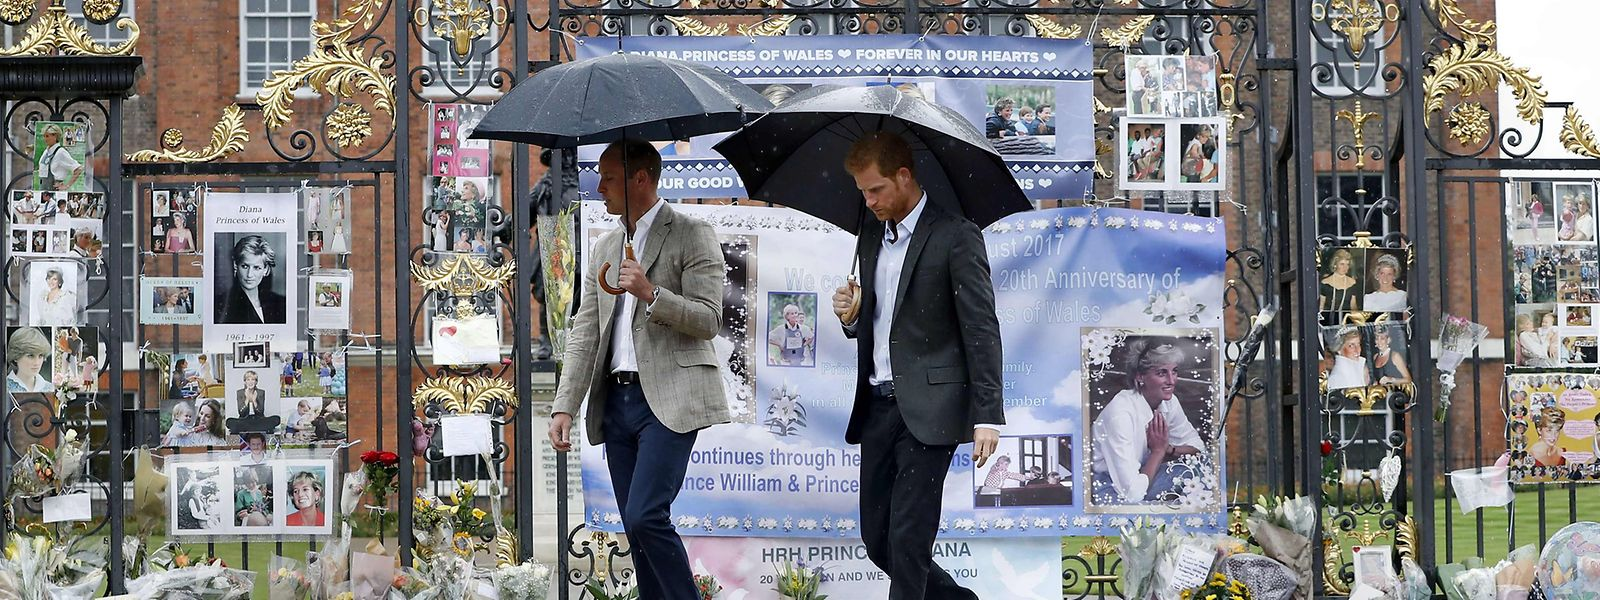 Prinz William und Prinz Harry vor den Toren des Kensington Palace, der zum 20. Todestag bereits mit Blumen und Bildern von Lady Di geschmückt ist.